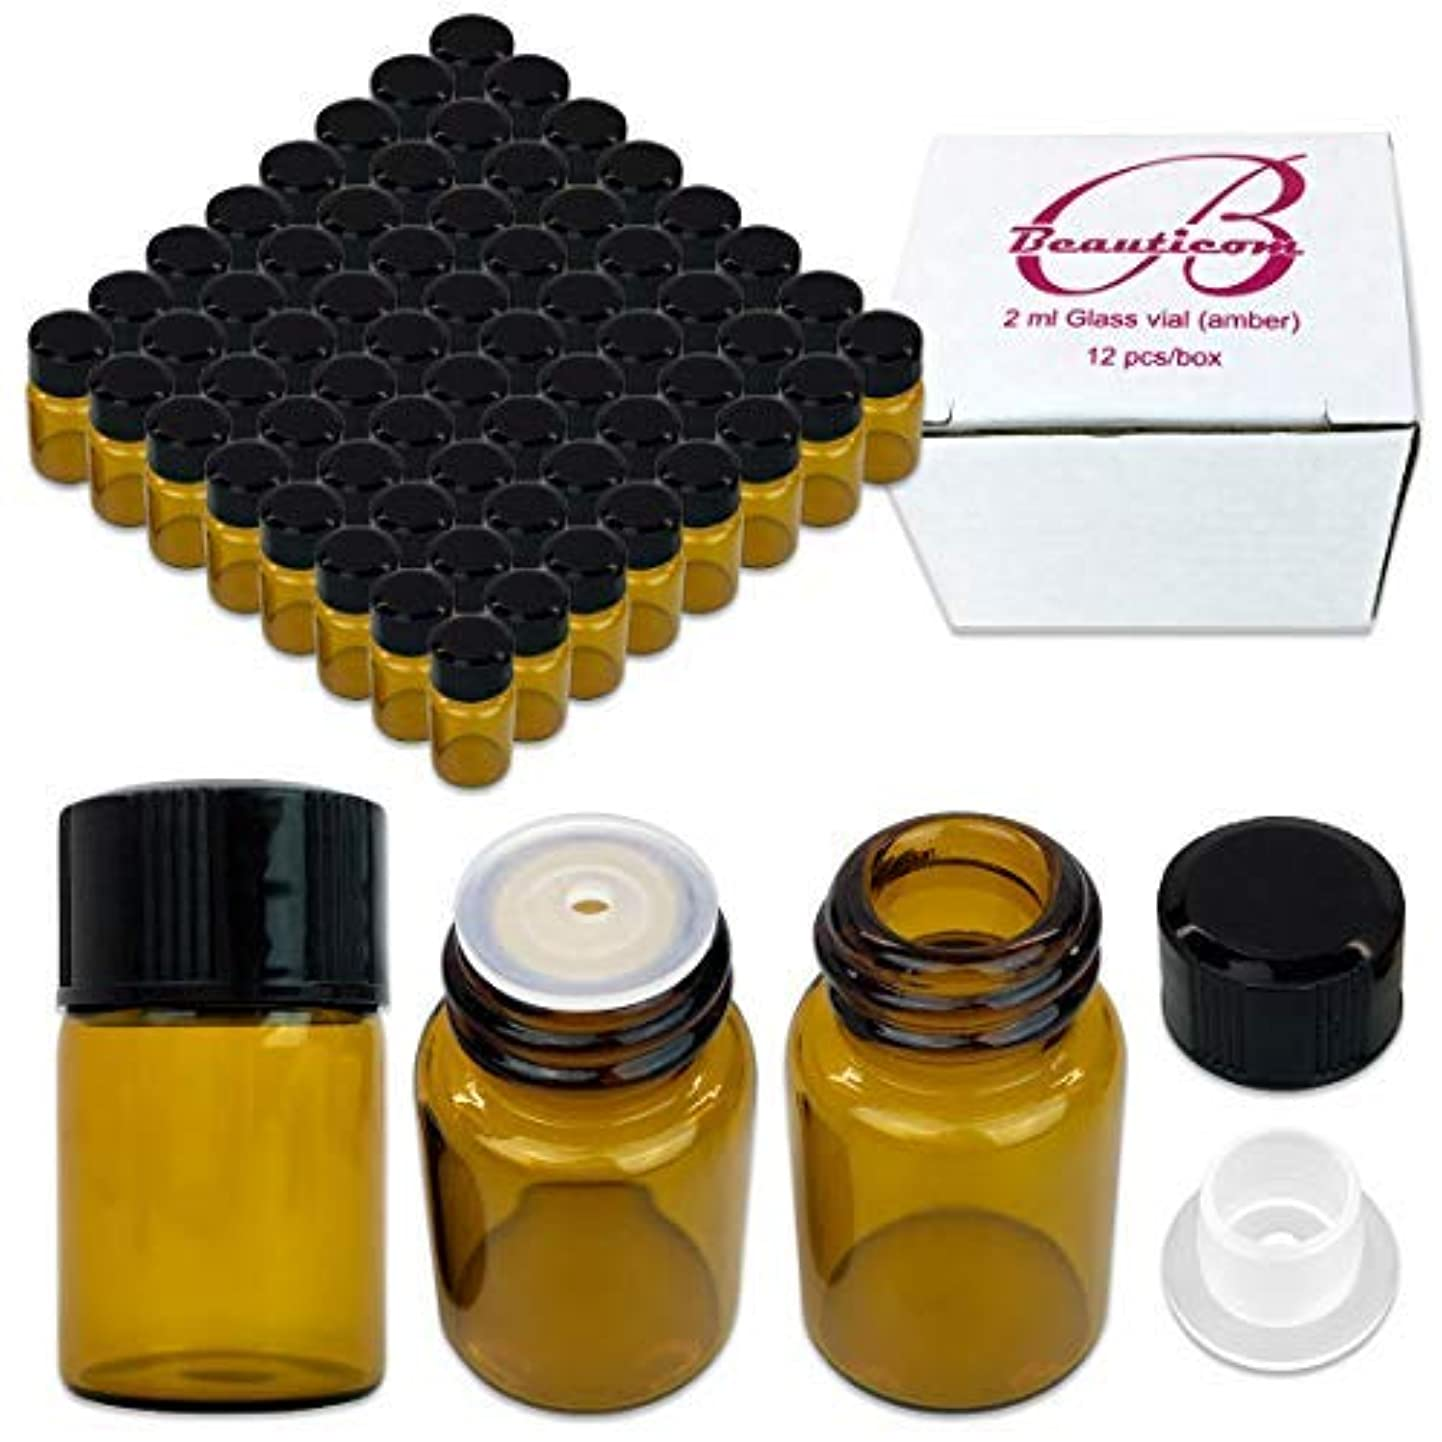 縮約メモ八84 Packs Beauticom 2ML Amber Glass Vial for Essential Oils, Aromatherapy, Fragrance, Serums, Spritzes, with Orifice...